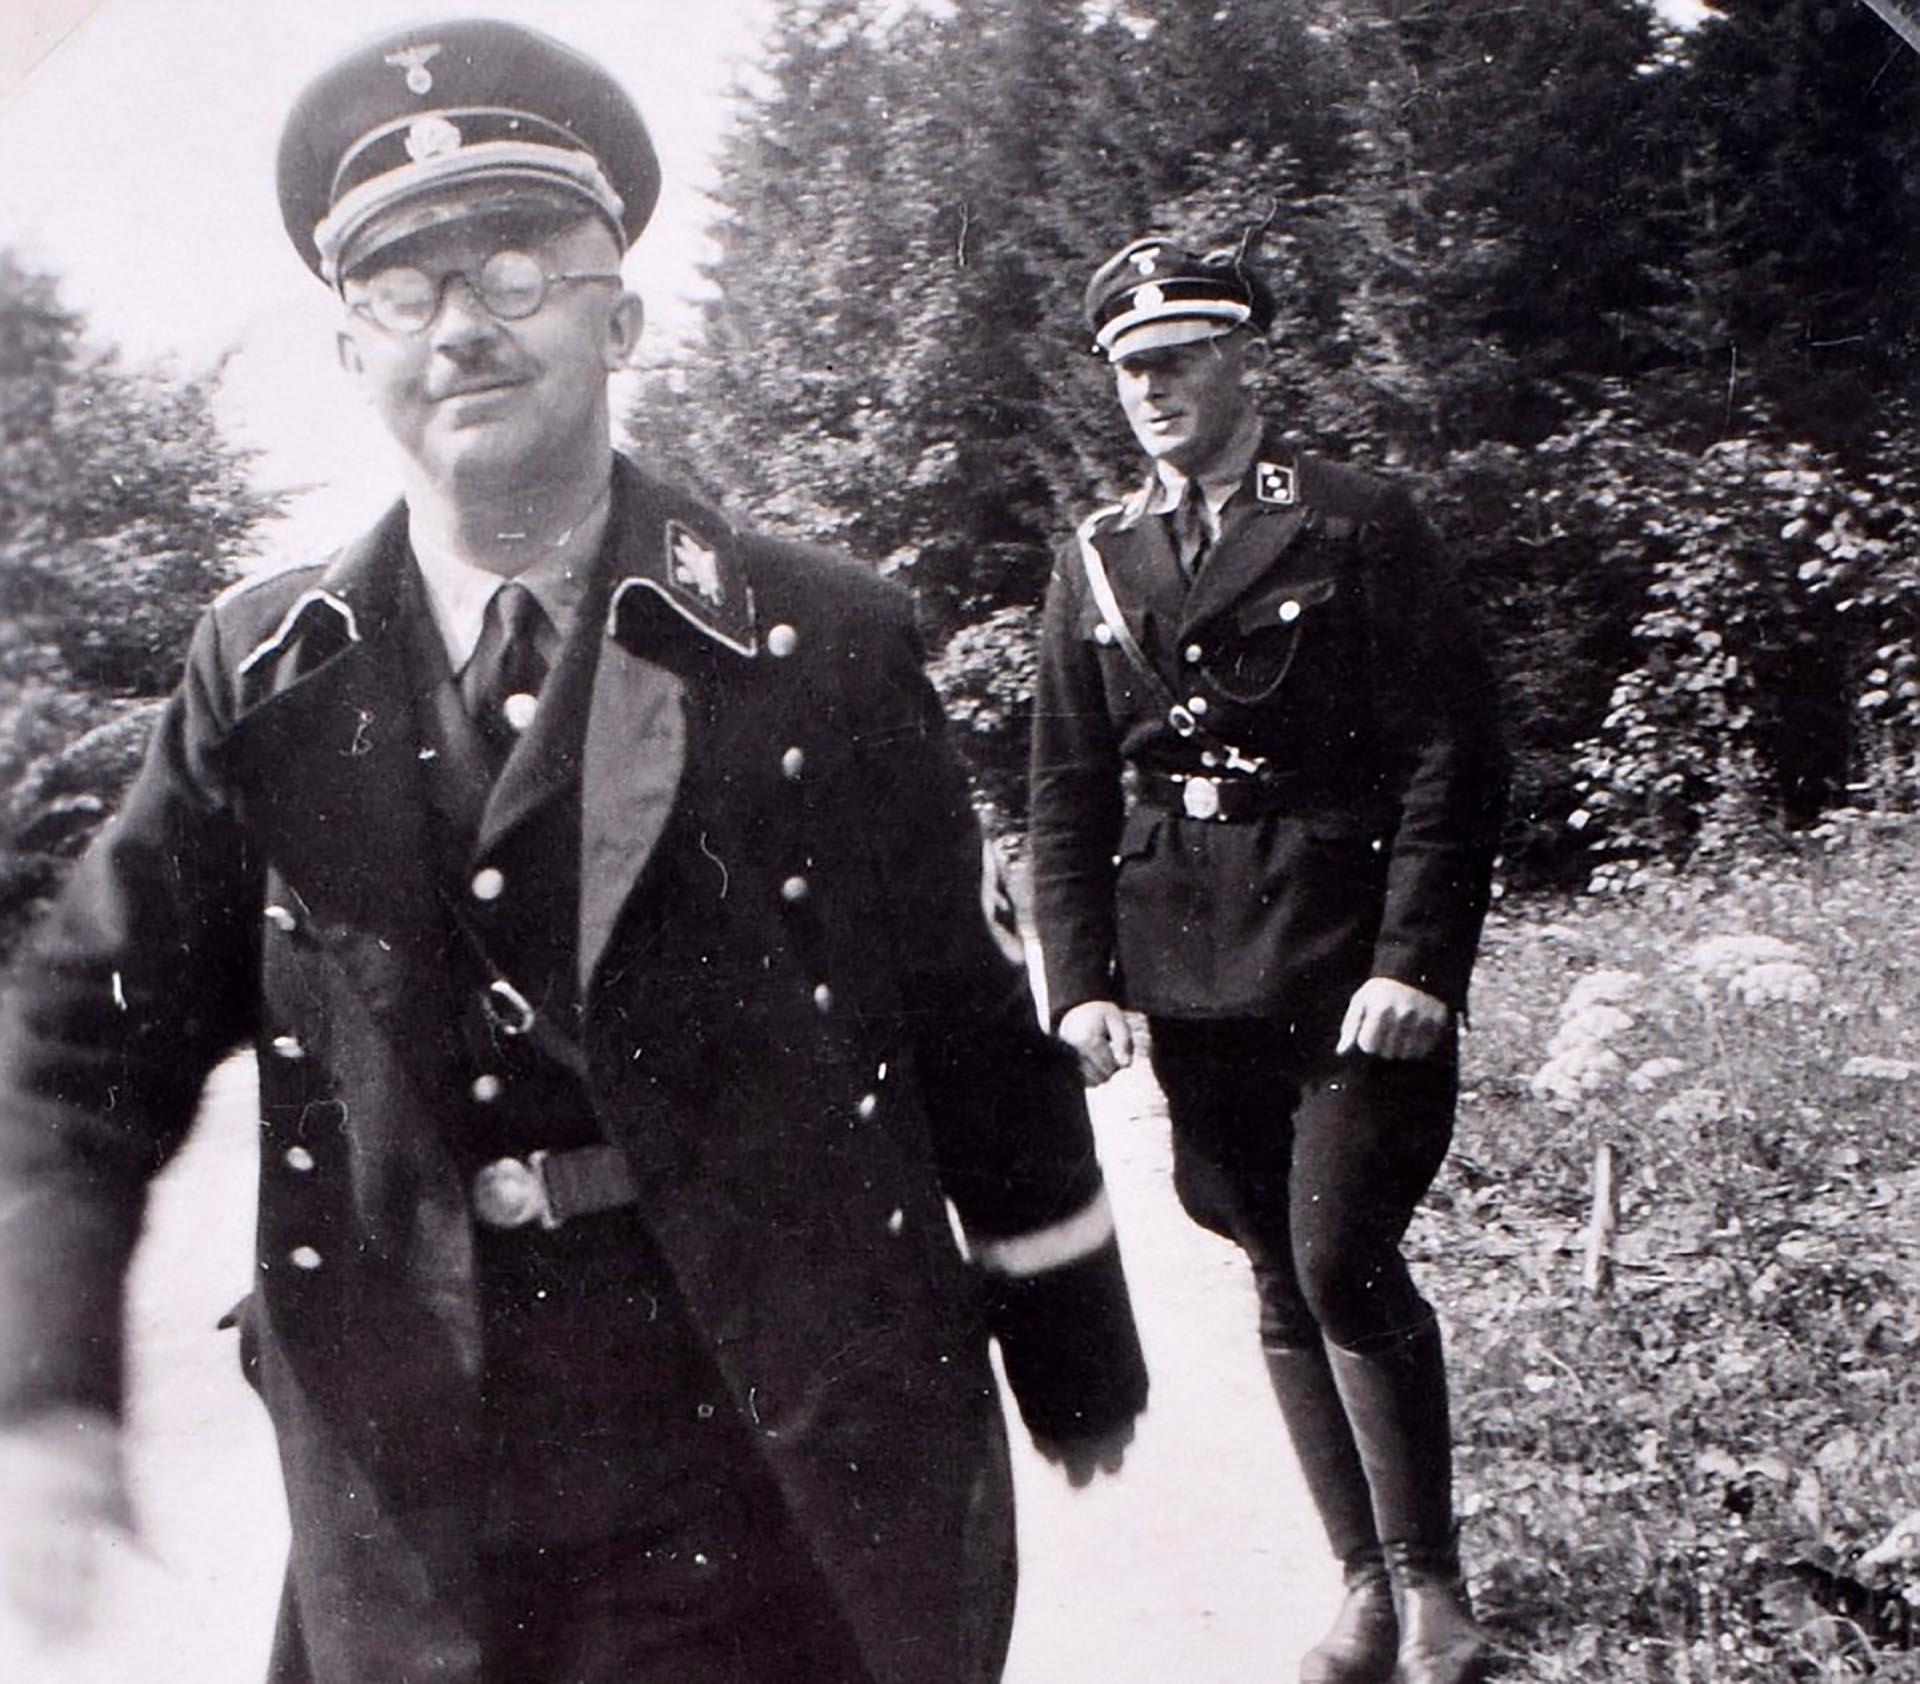 Heinrich Himmler sonríe ante la cámara fotográfica. Esta imagen también estaba en el álbum hallado en la habitación de Eva Braun en el búnker de Berlín